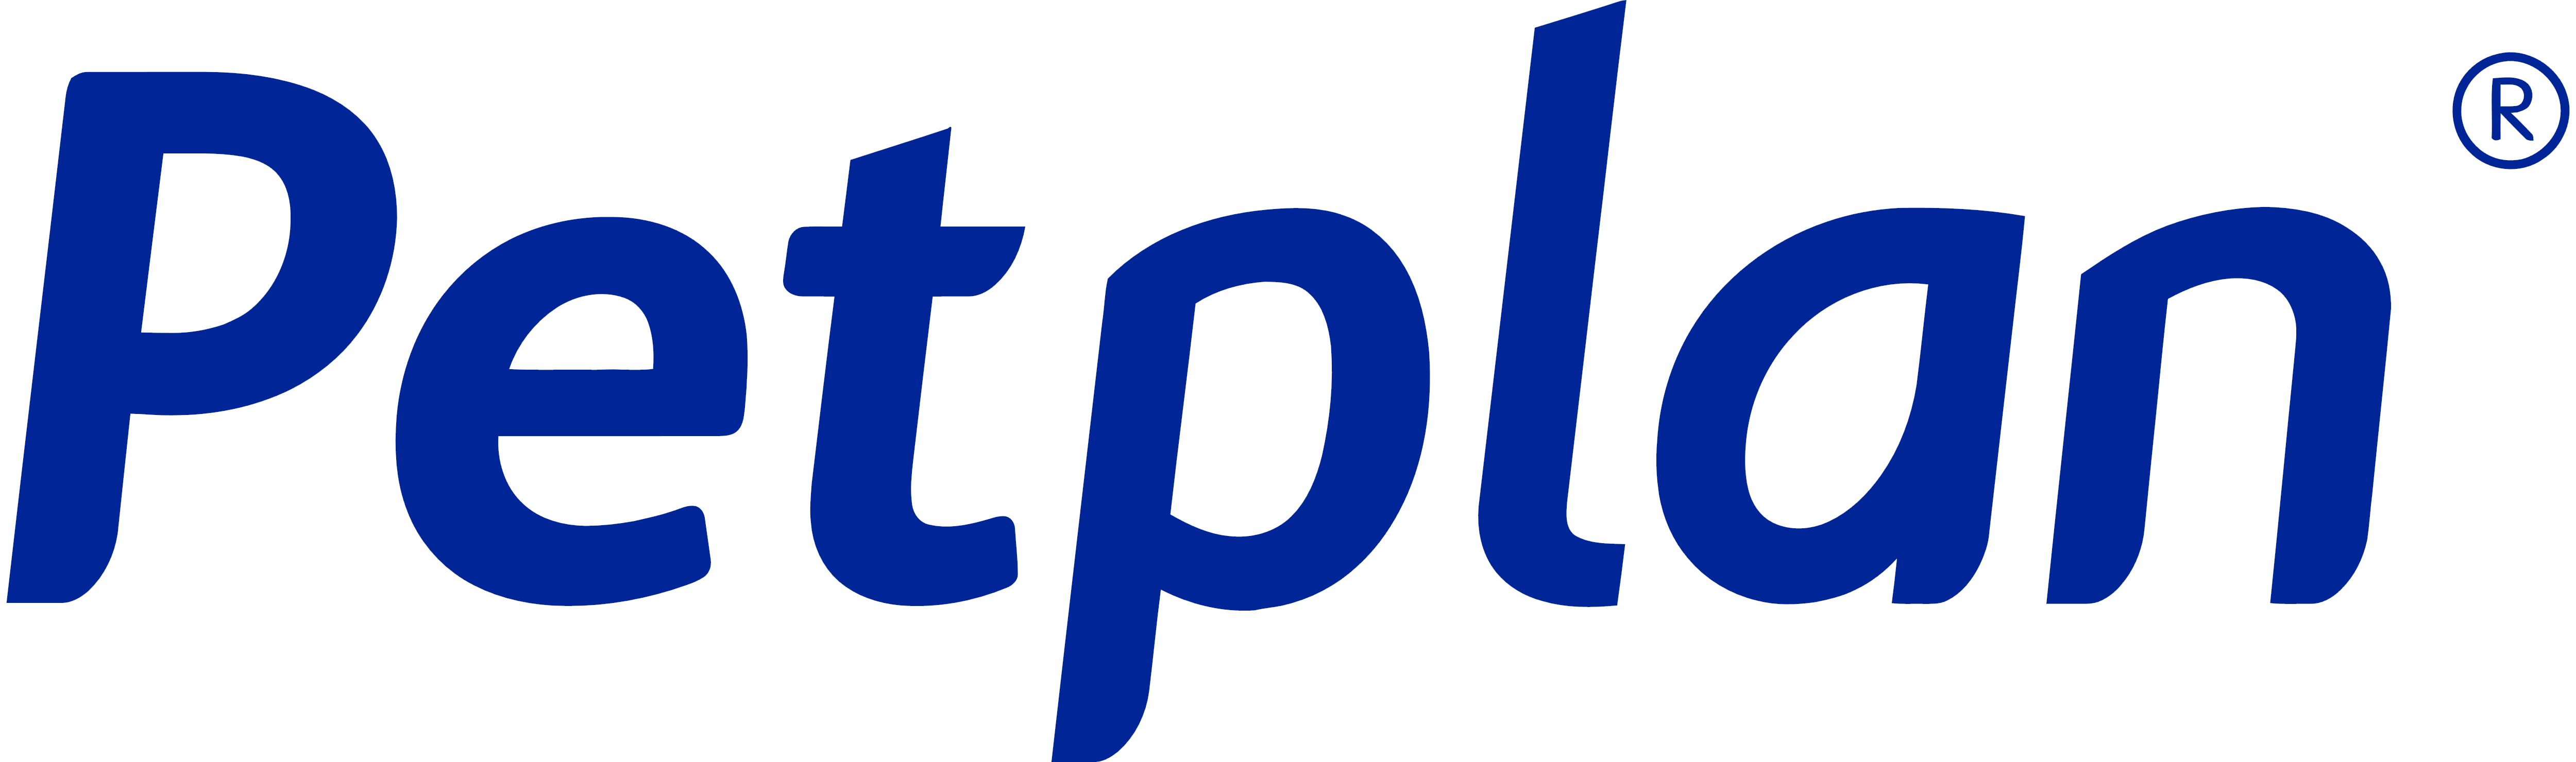 Petplan – Logos Download